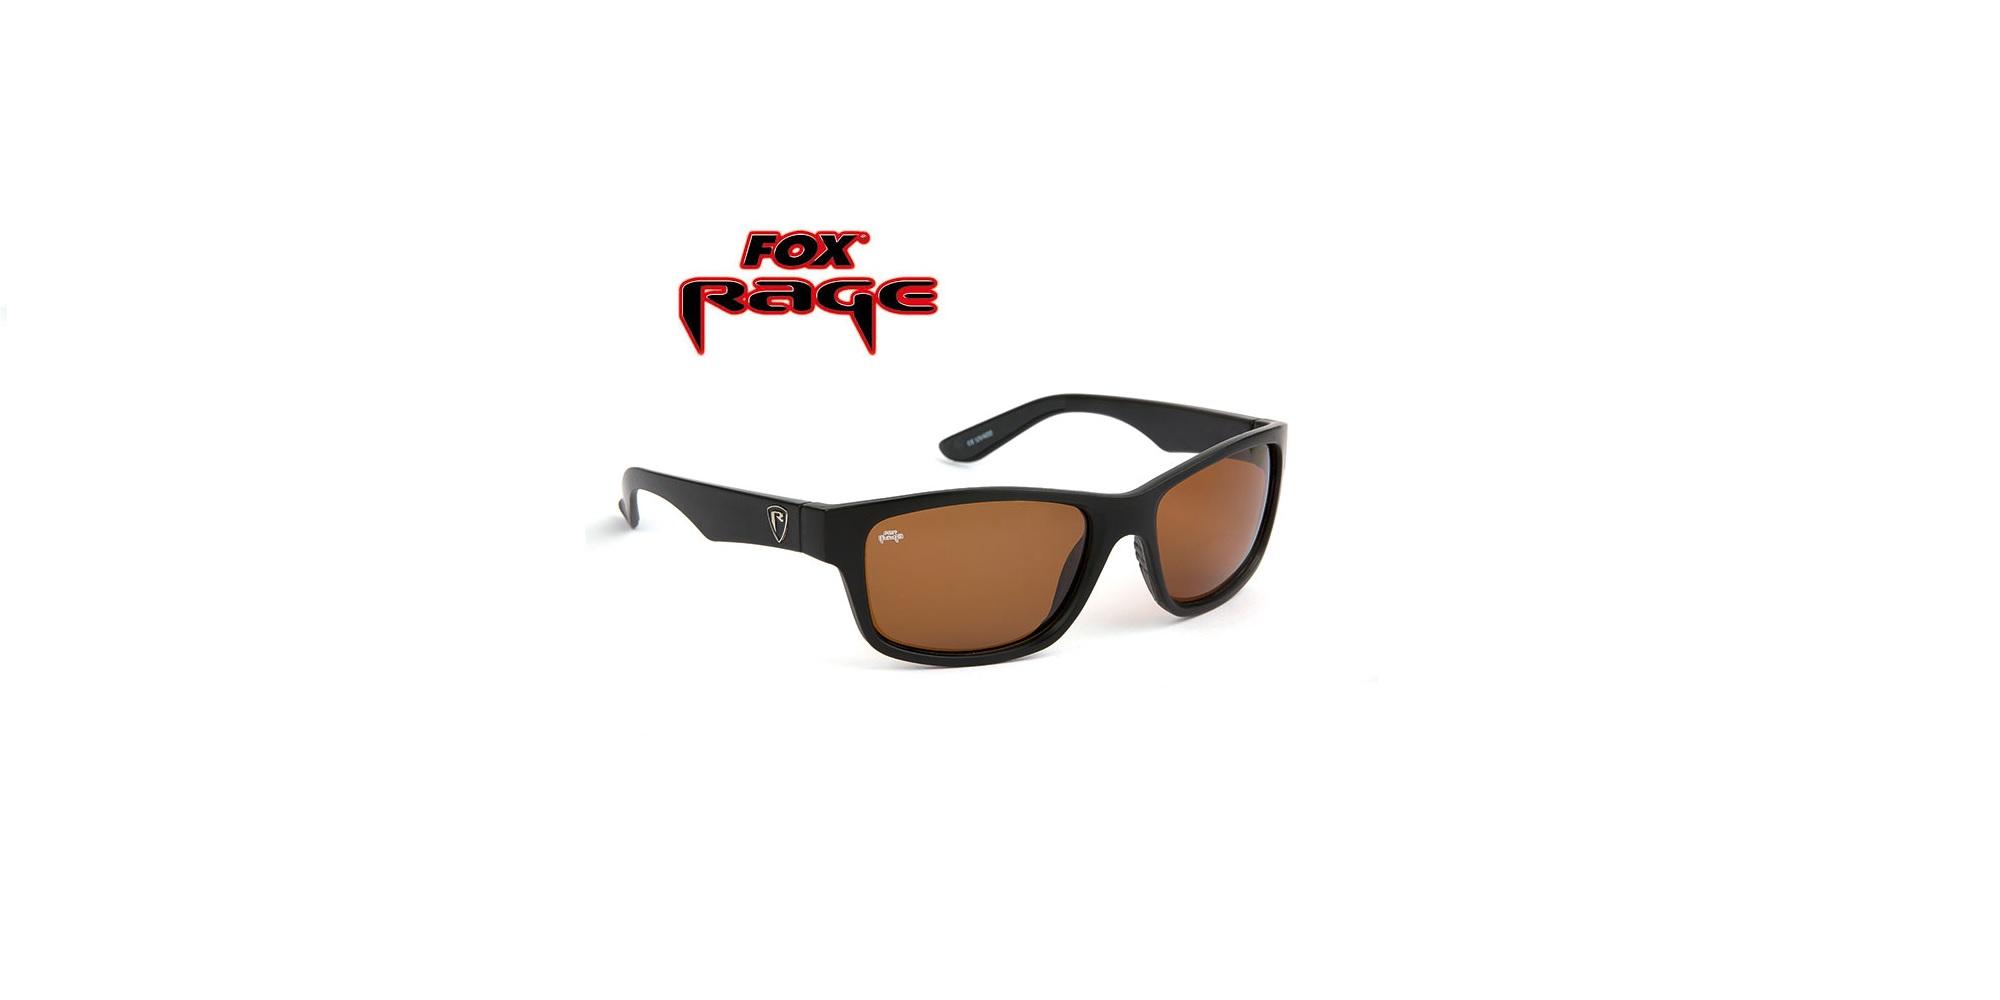 Occhiali da sole Fox Rage Eyewear MattBlack Lenti marroni cod NSN001